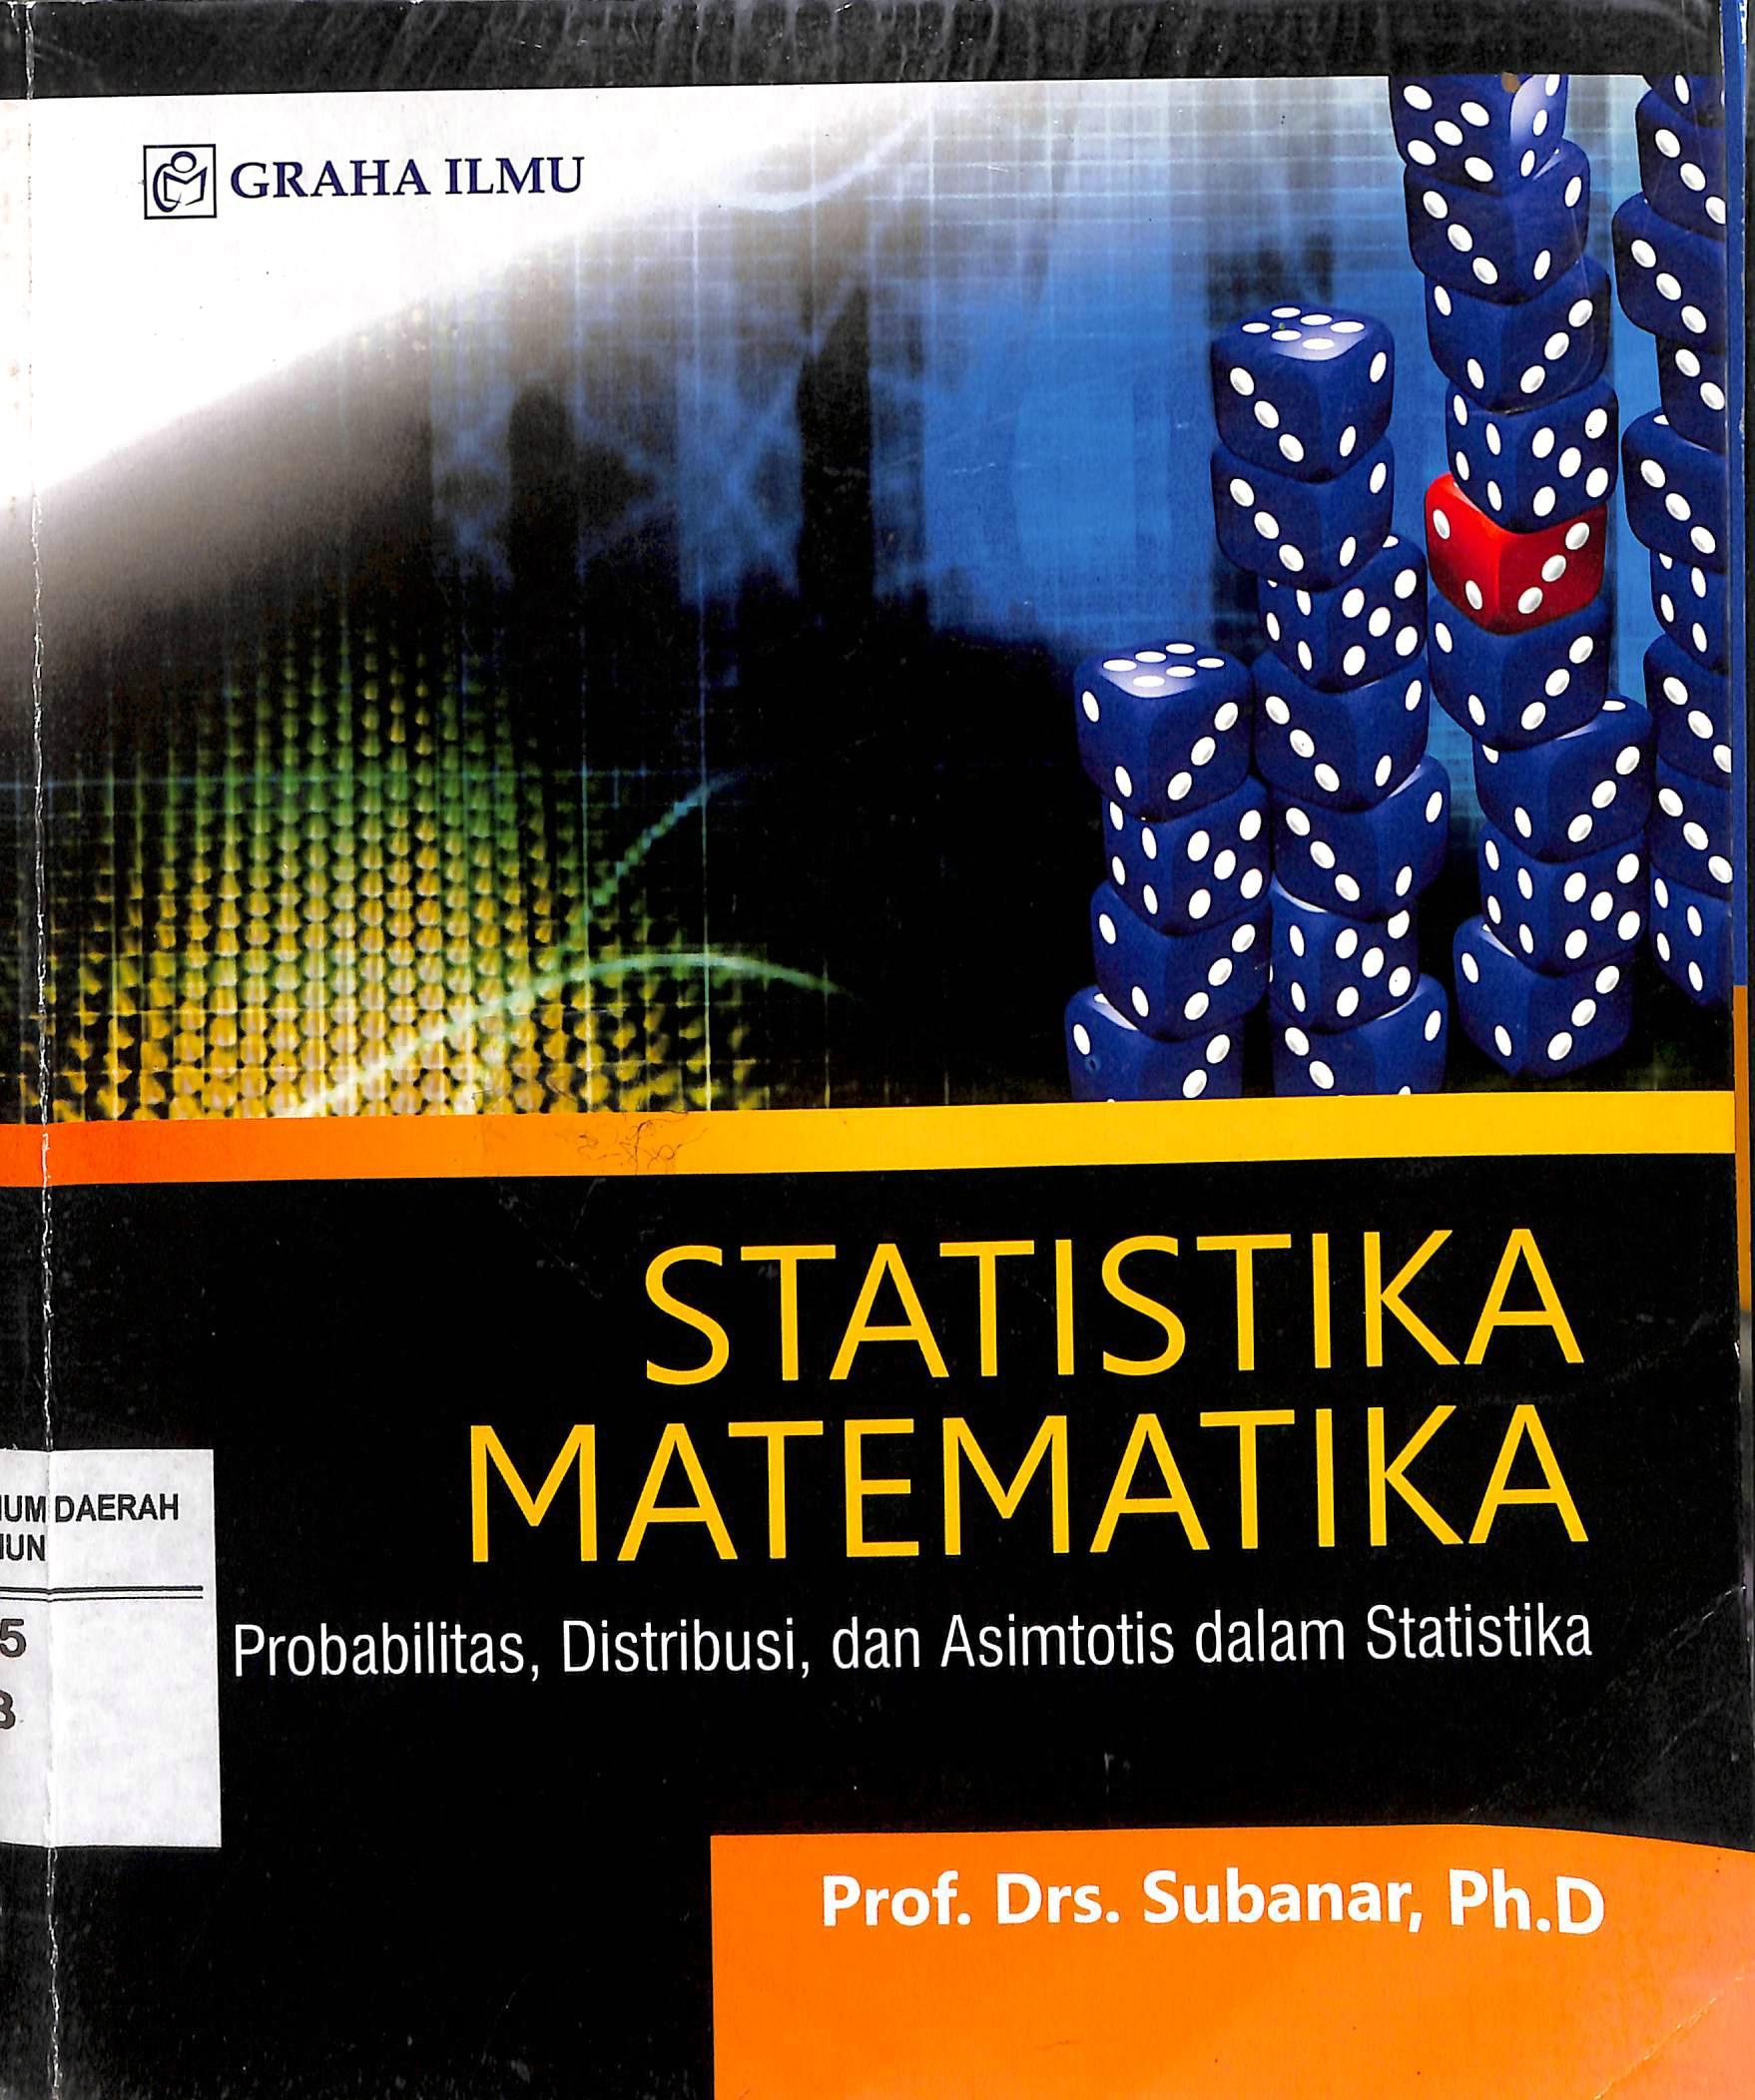 Oleh neneng nurwaningsih (06081281520066) nurwaningsih30@gmail.com program studi pendidikan matematika fakultas keguruan dan ilmu pendidikan. Statistika Matematika Probabilitas Distribusi Dan Asimtotis Dalam Statistika Dinas Perpustakaan Dan Kearsipan Kota Madiun